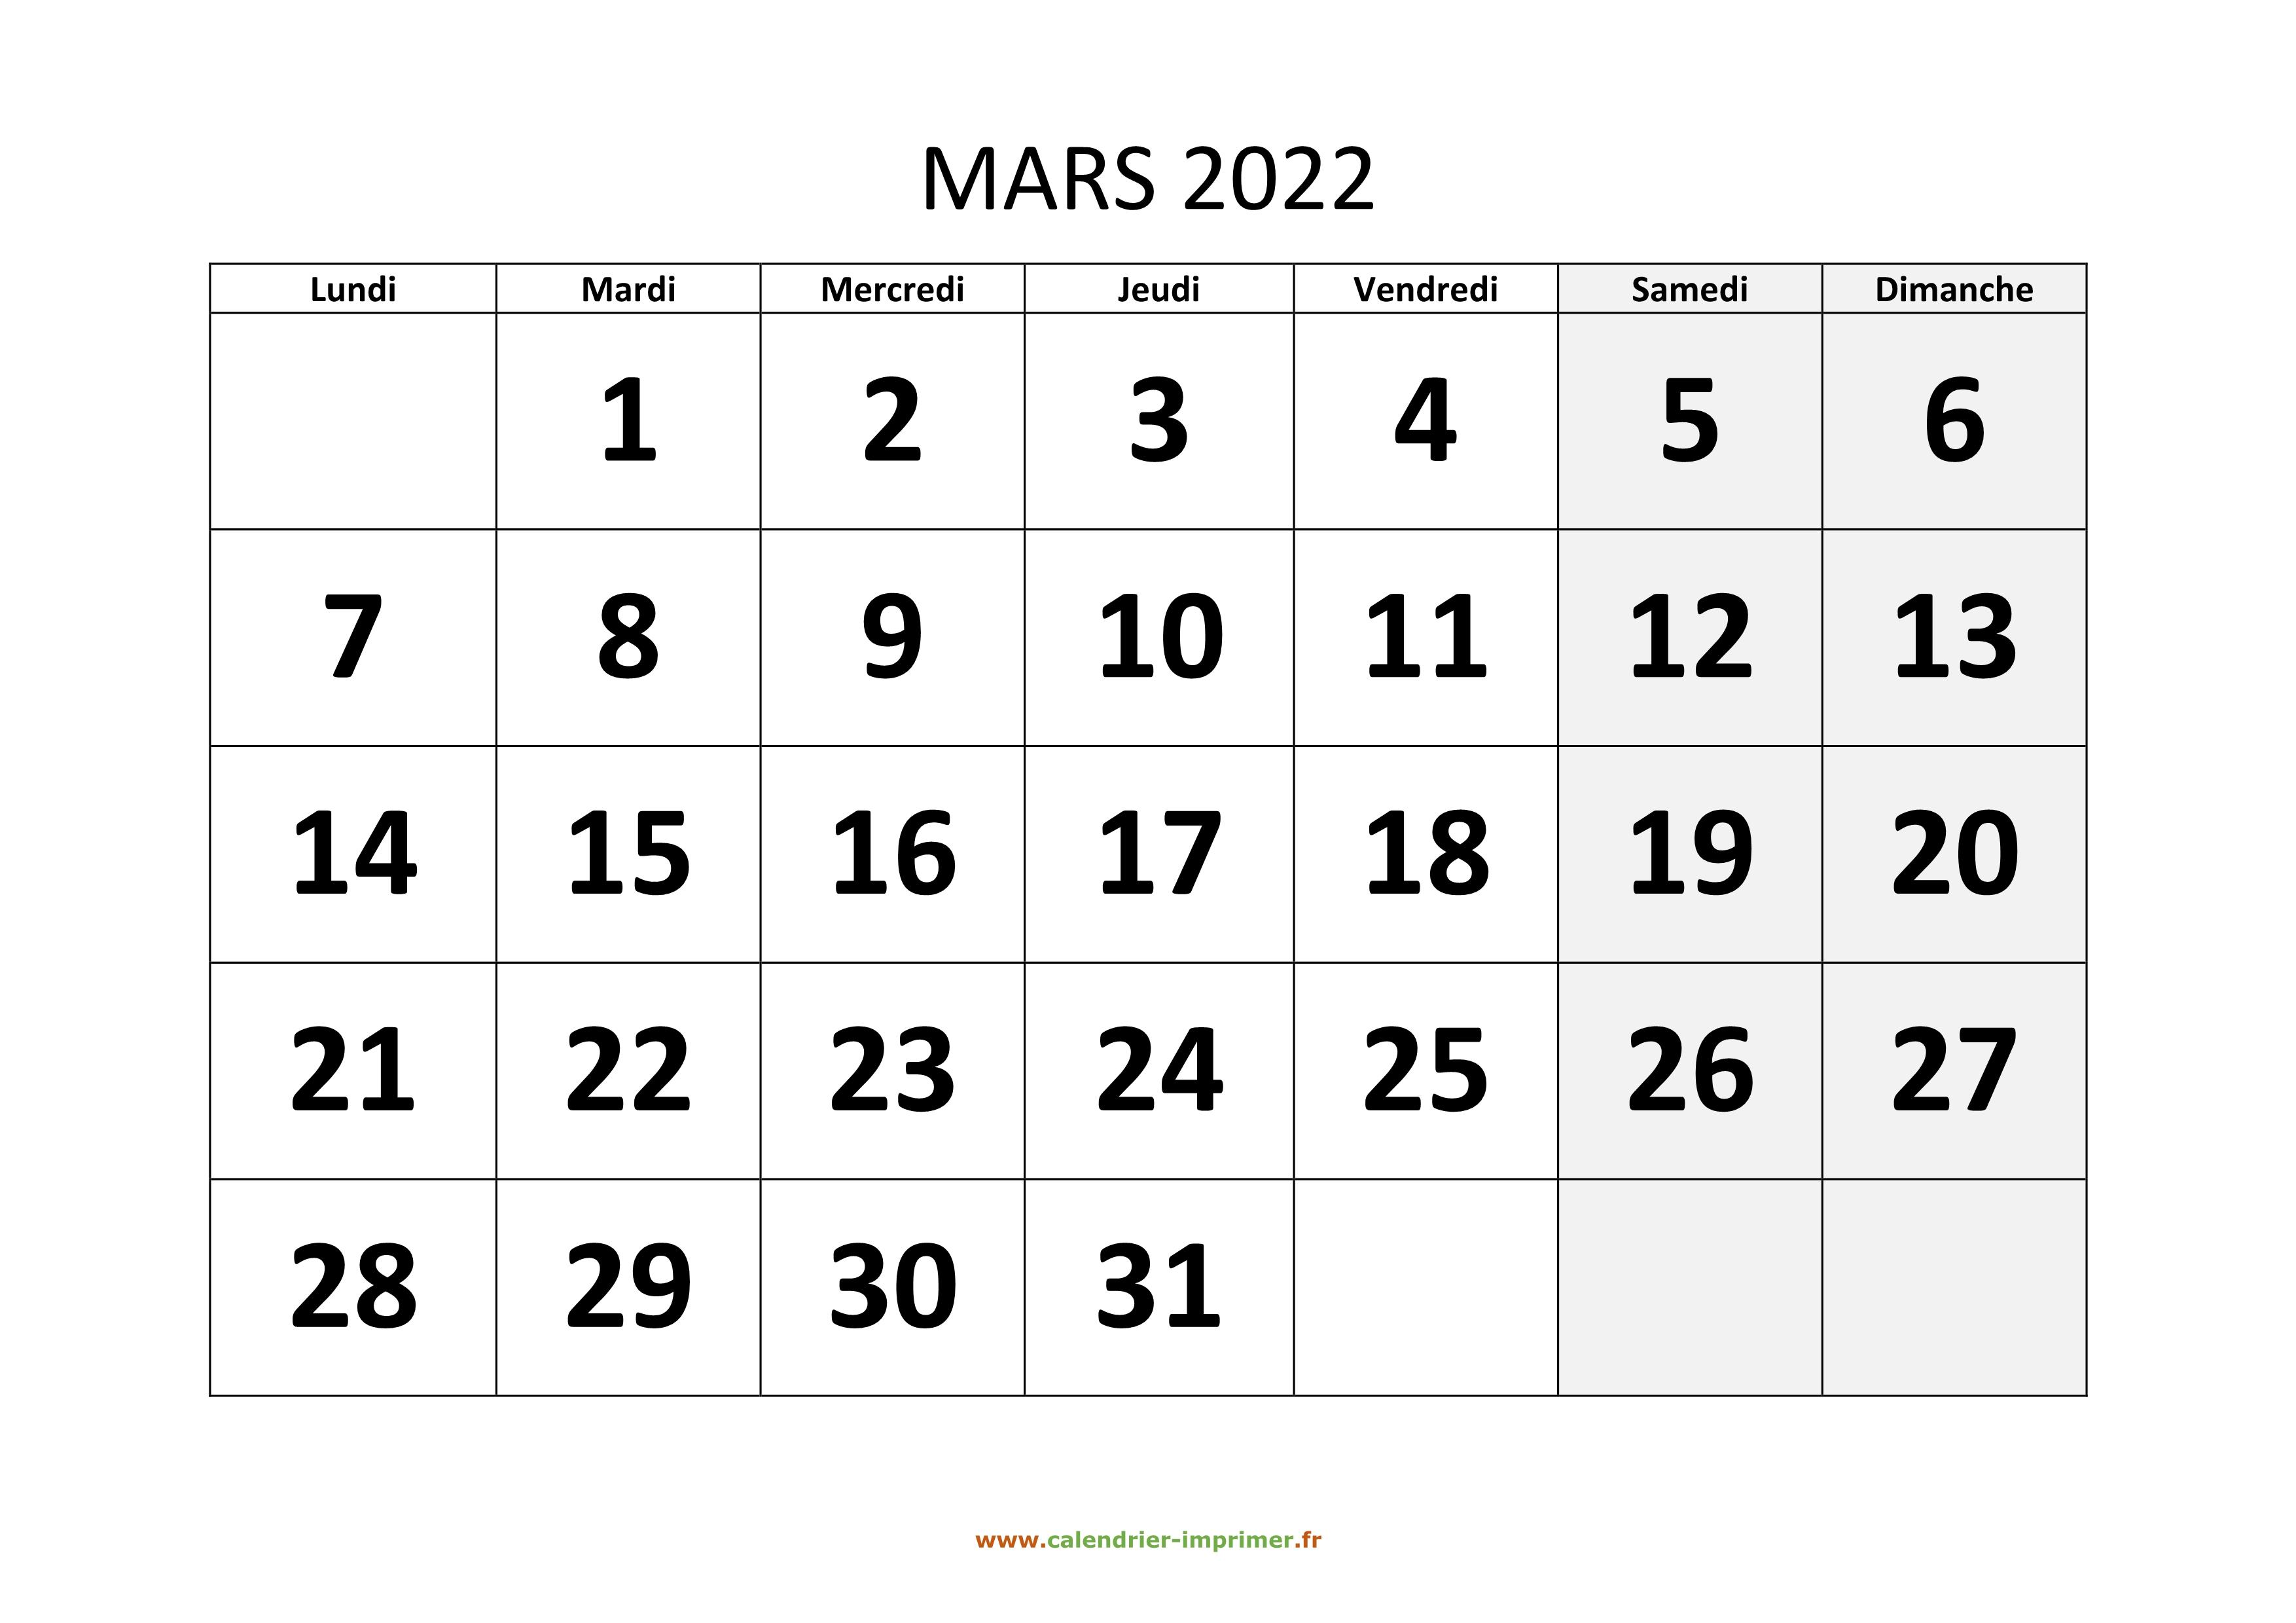 Calendrier Mars 2022 à Imprimer Gratuit Calendrier Mars 2022 à imprimer